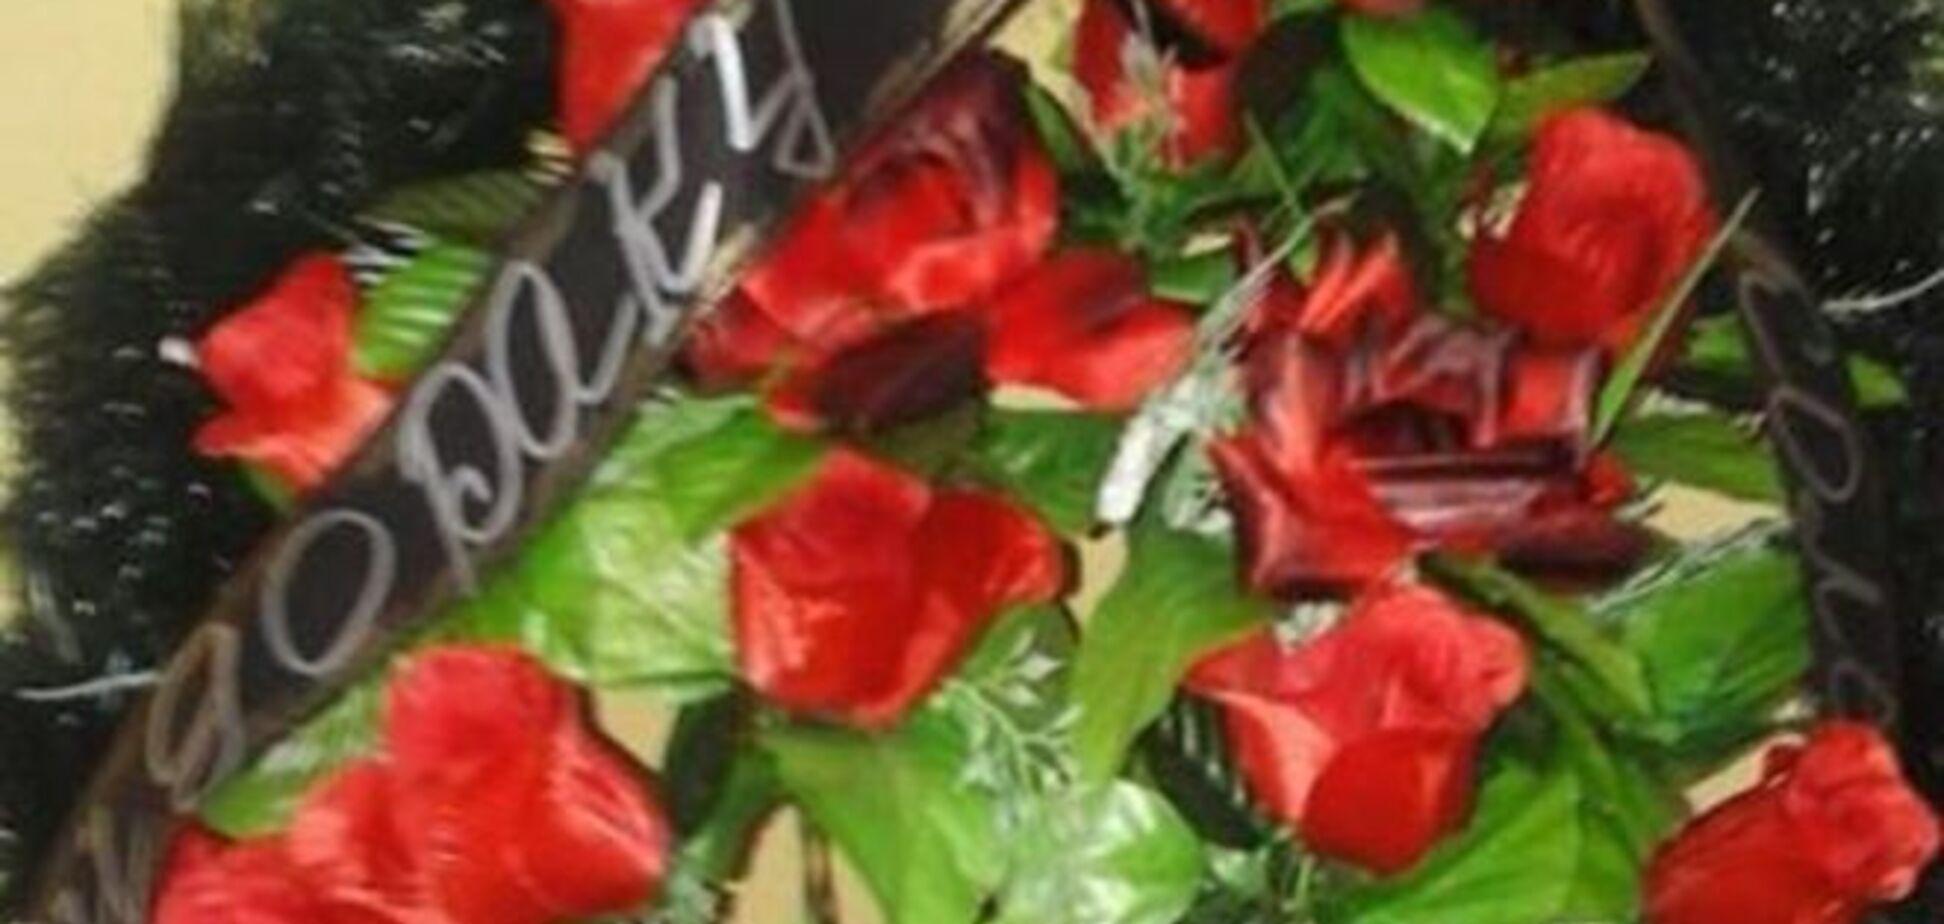 Жене руководителя 'Укртранснафта' принесли похоронный венок. Фотофакт